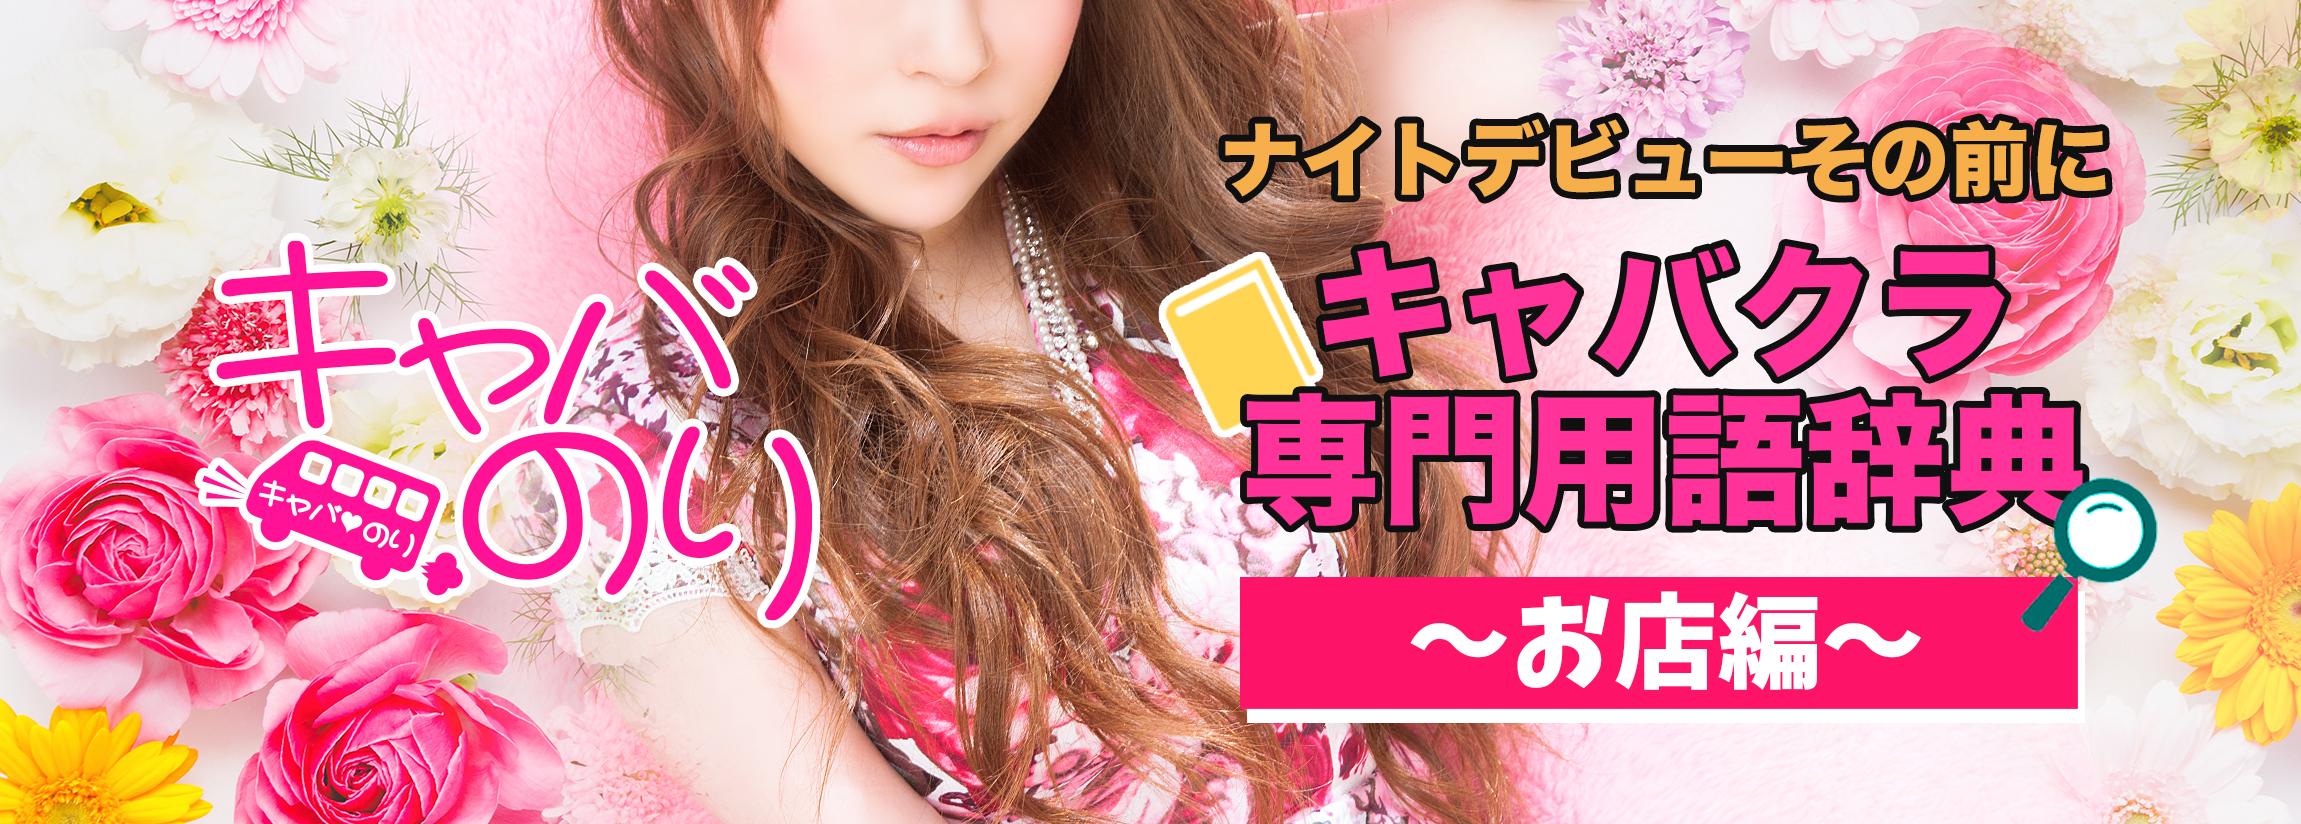 【覚えて安心♪】キャバクラ専門用語辞典〜お店編〜【ナイトデビュー】